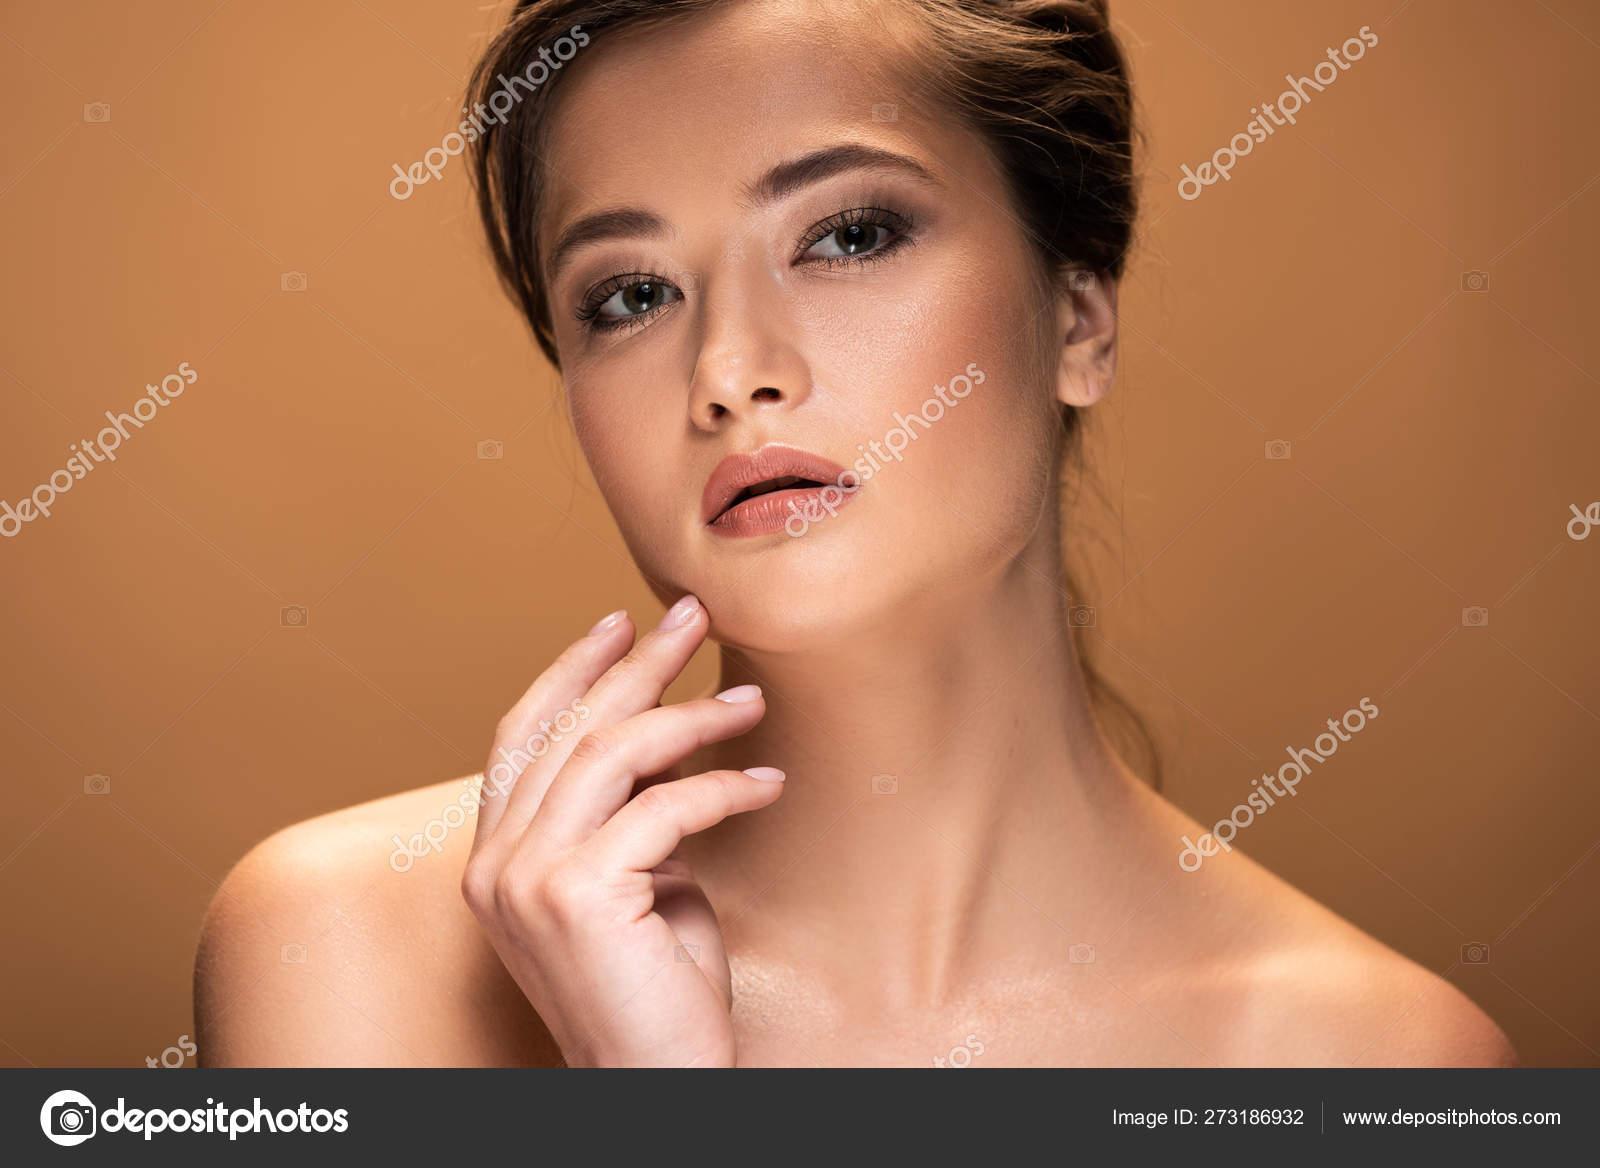 Jessica spano nude